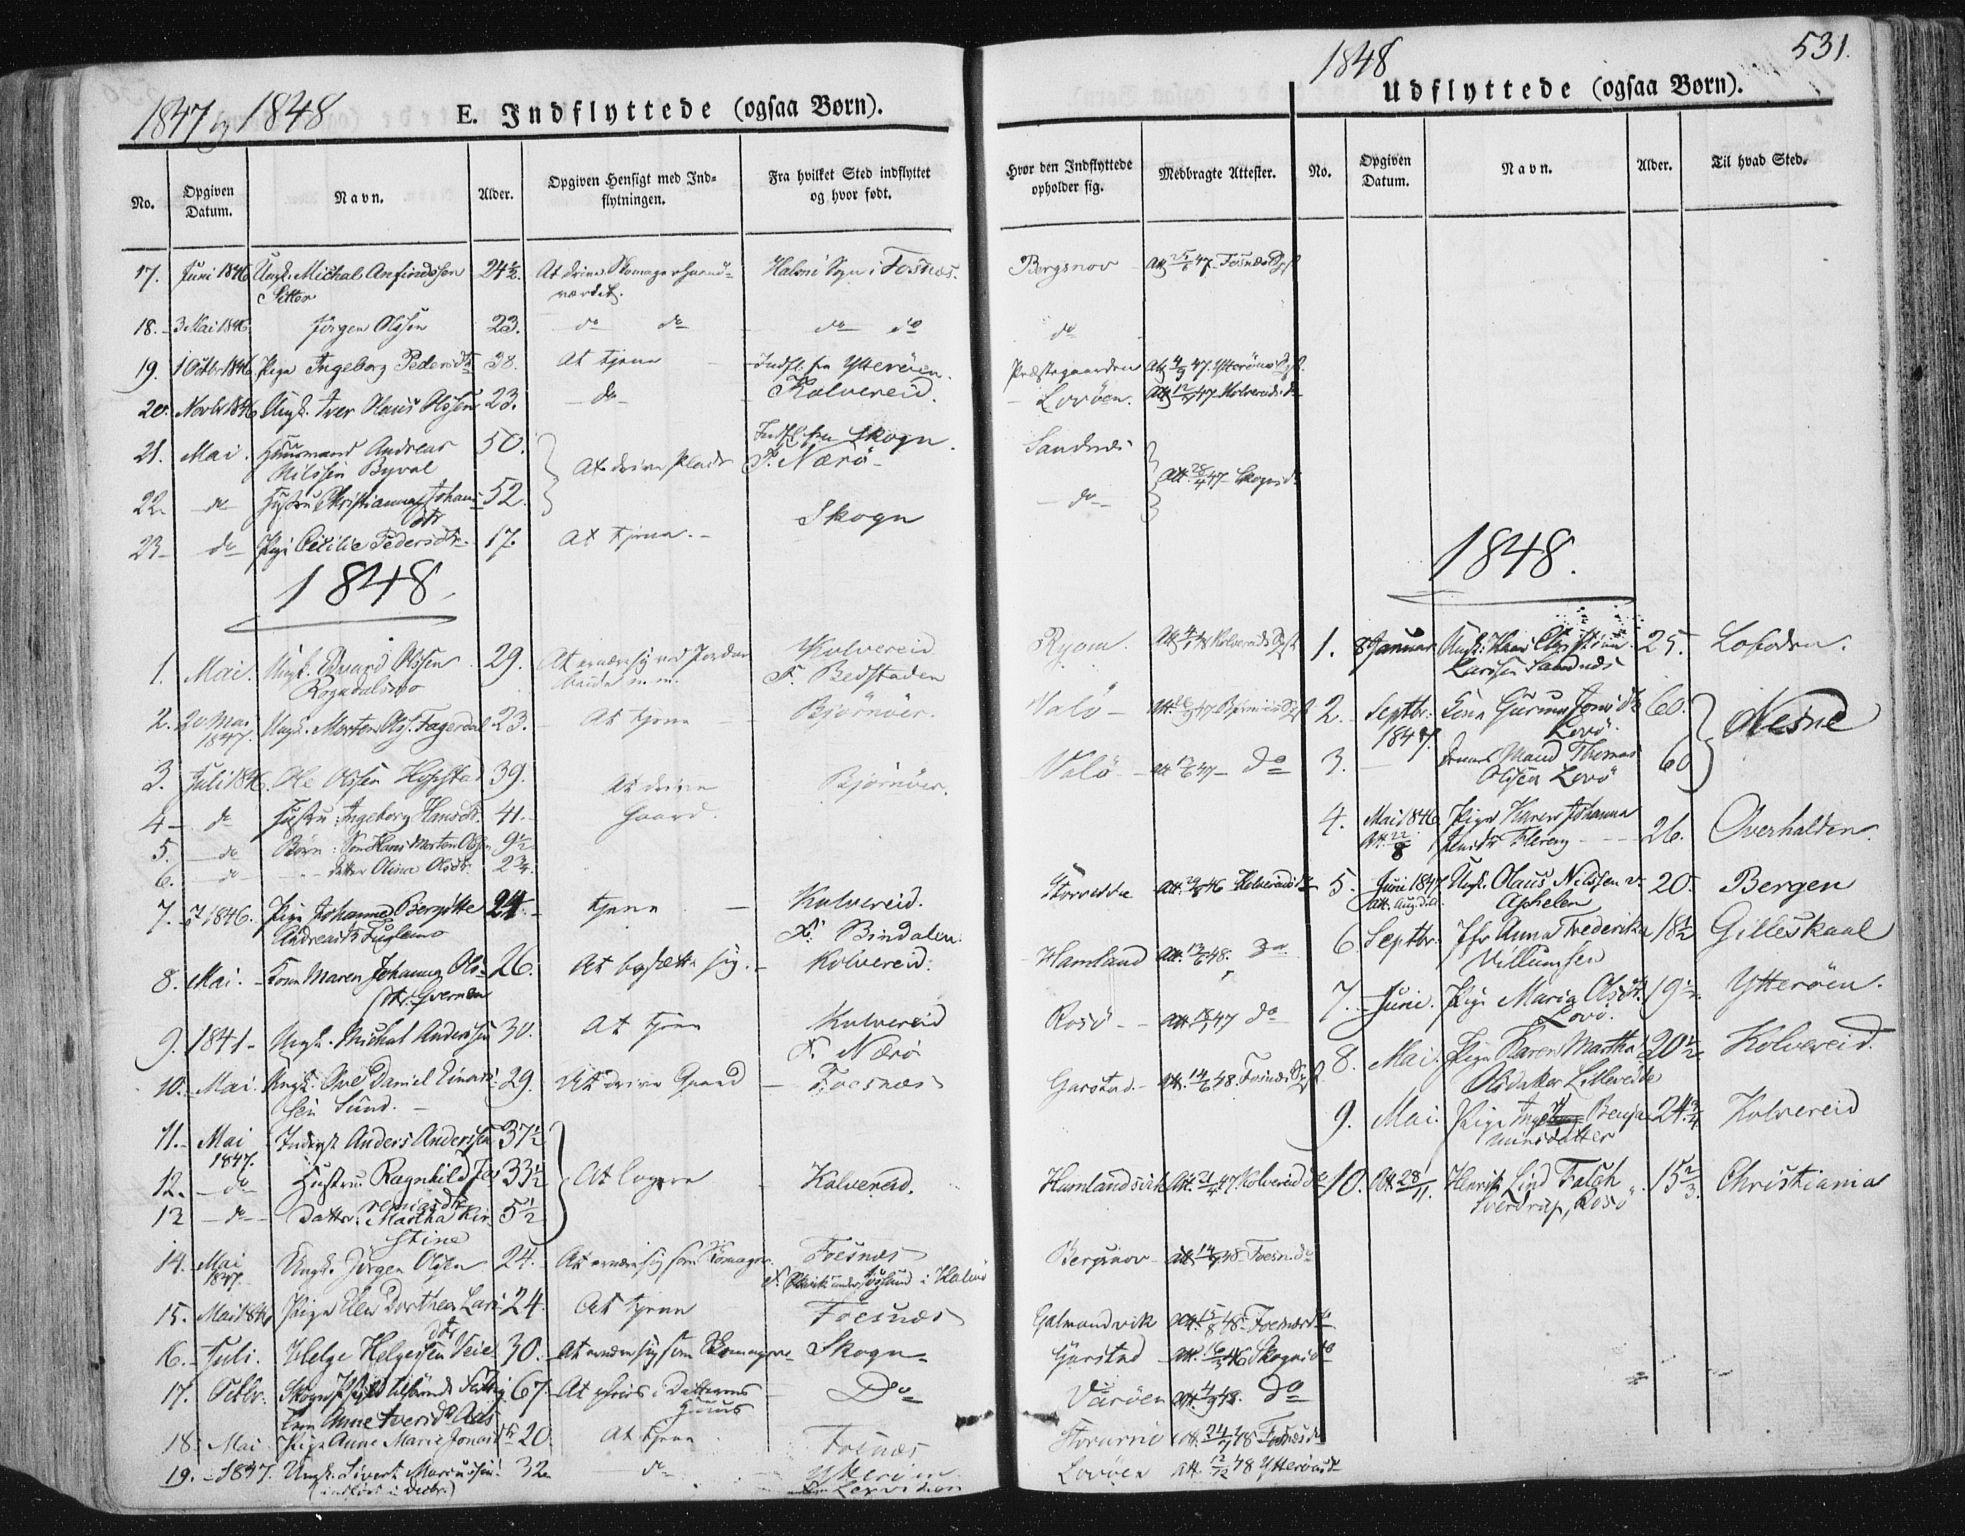 SAT, Ministerialprotokoller, klokkerbøker og fødselsregistre - Nord-Trøndelag, 784/L0669: Ministerialbok nr. 784A04, 1829-1859, s. 531